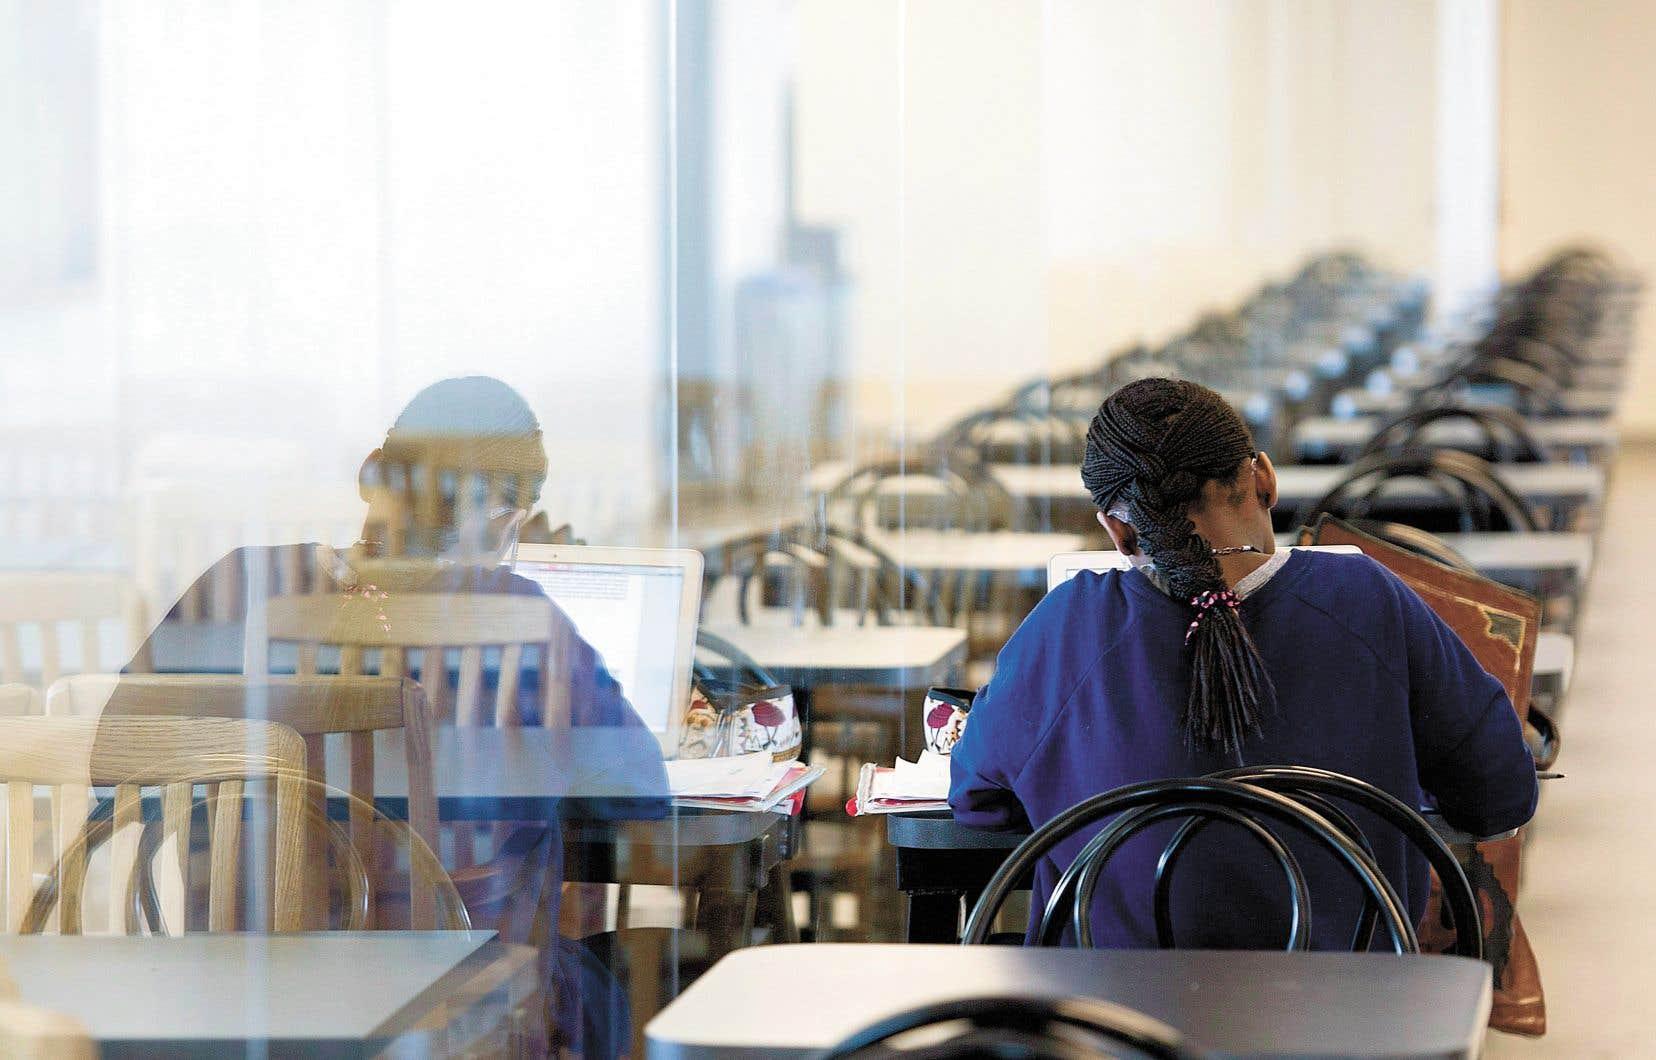 On constate depuis plusieurs années qu'un nombre grandissant d'étudiants francophones optent pour les cégeps de langue anglaise, déjà très prisés des allophones.